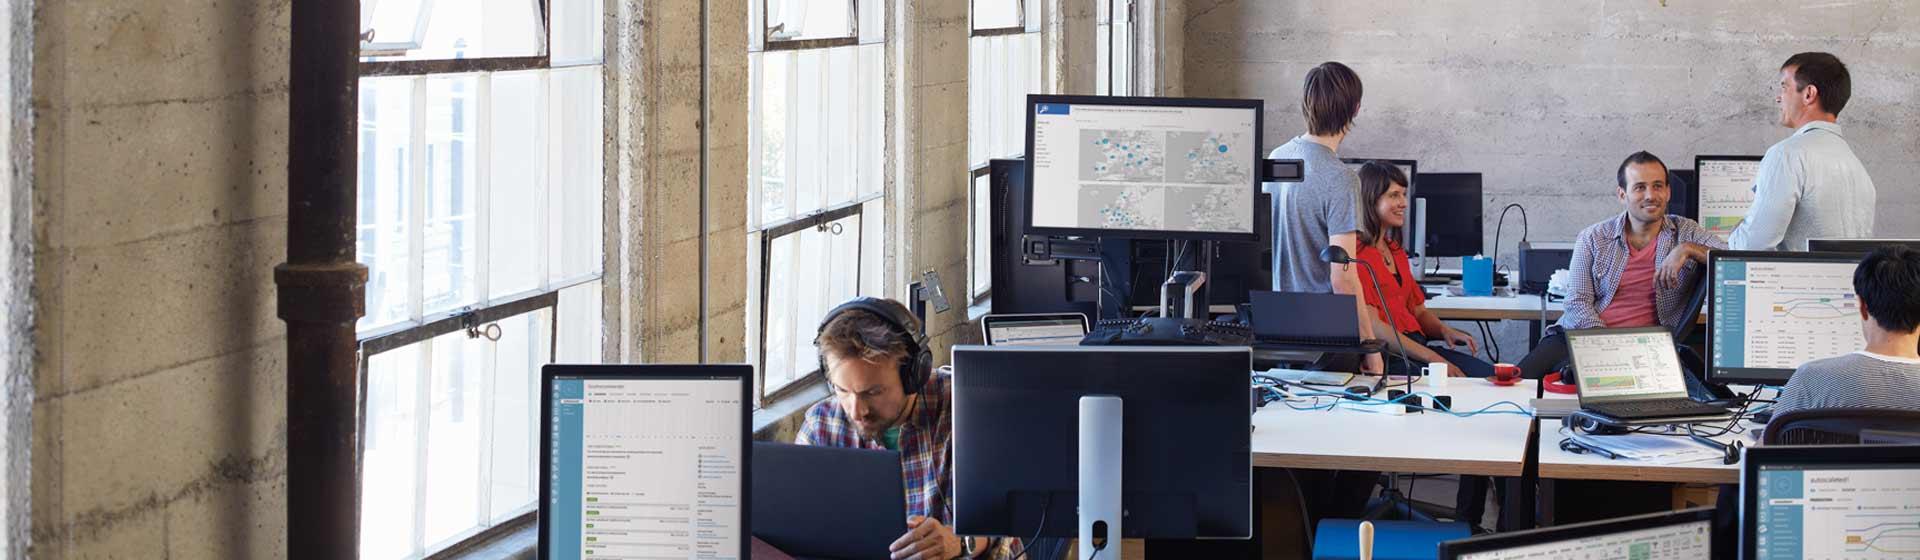 Sekumpulan rakan sekerja duduk dan berdiri di sekeliling meja mereka dalam sebuah pejabat yang penuh dengan komputer yang menjalankan Office 365